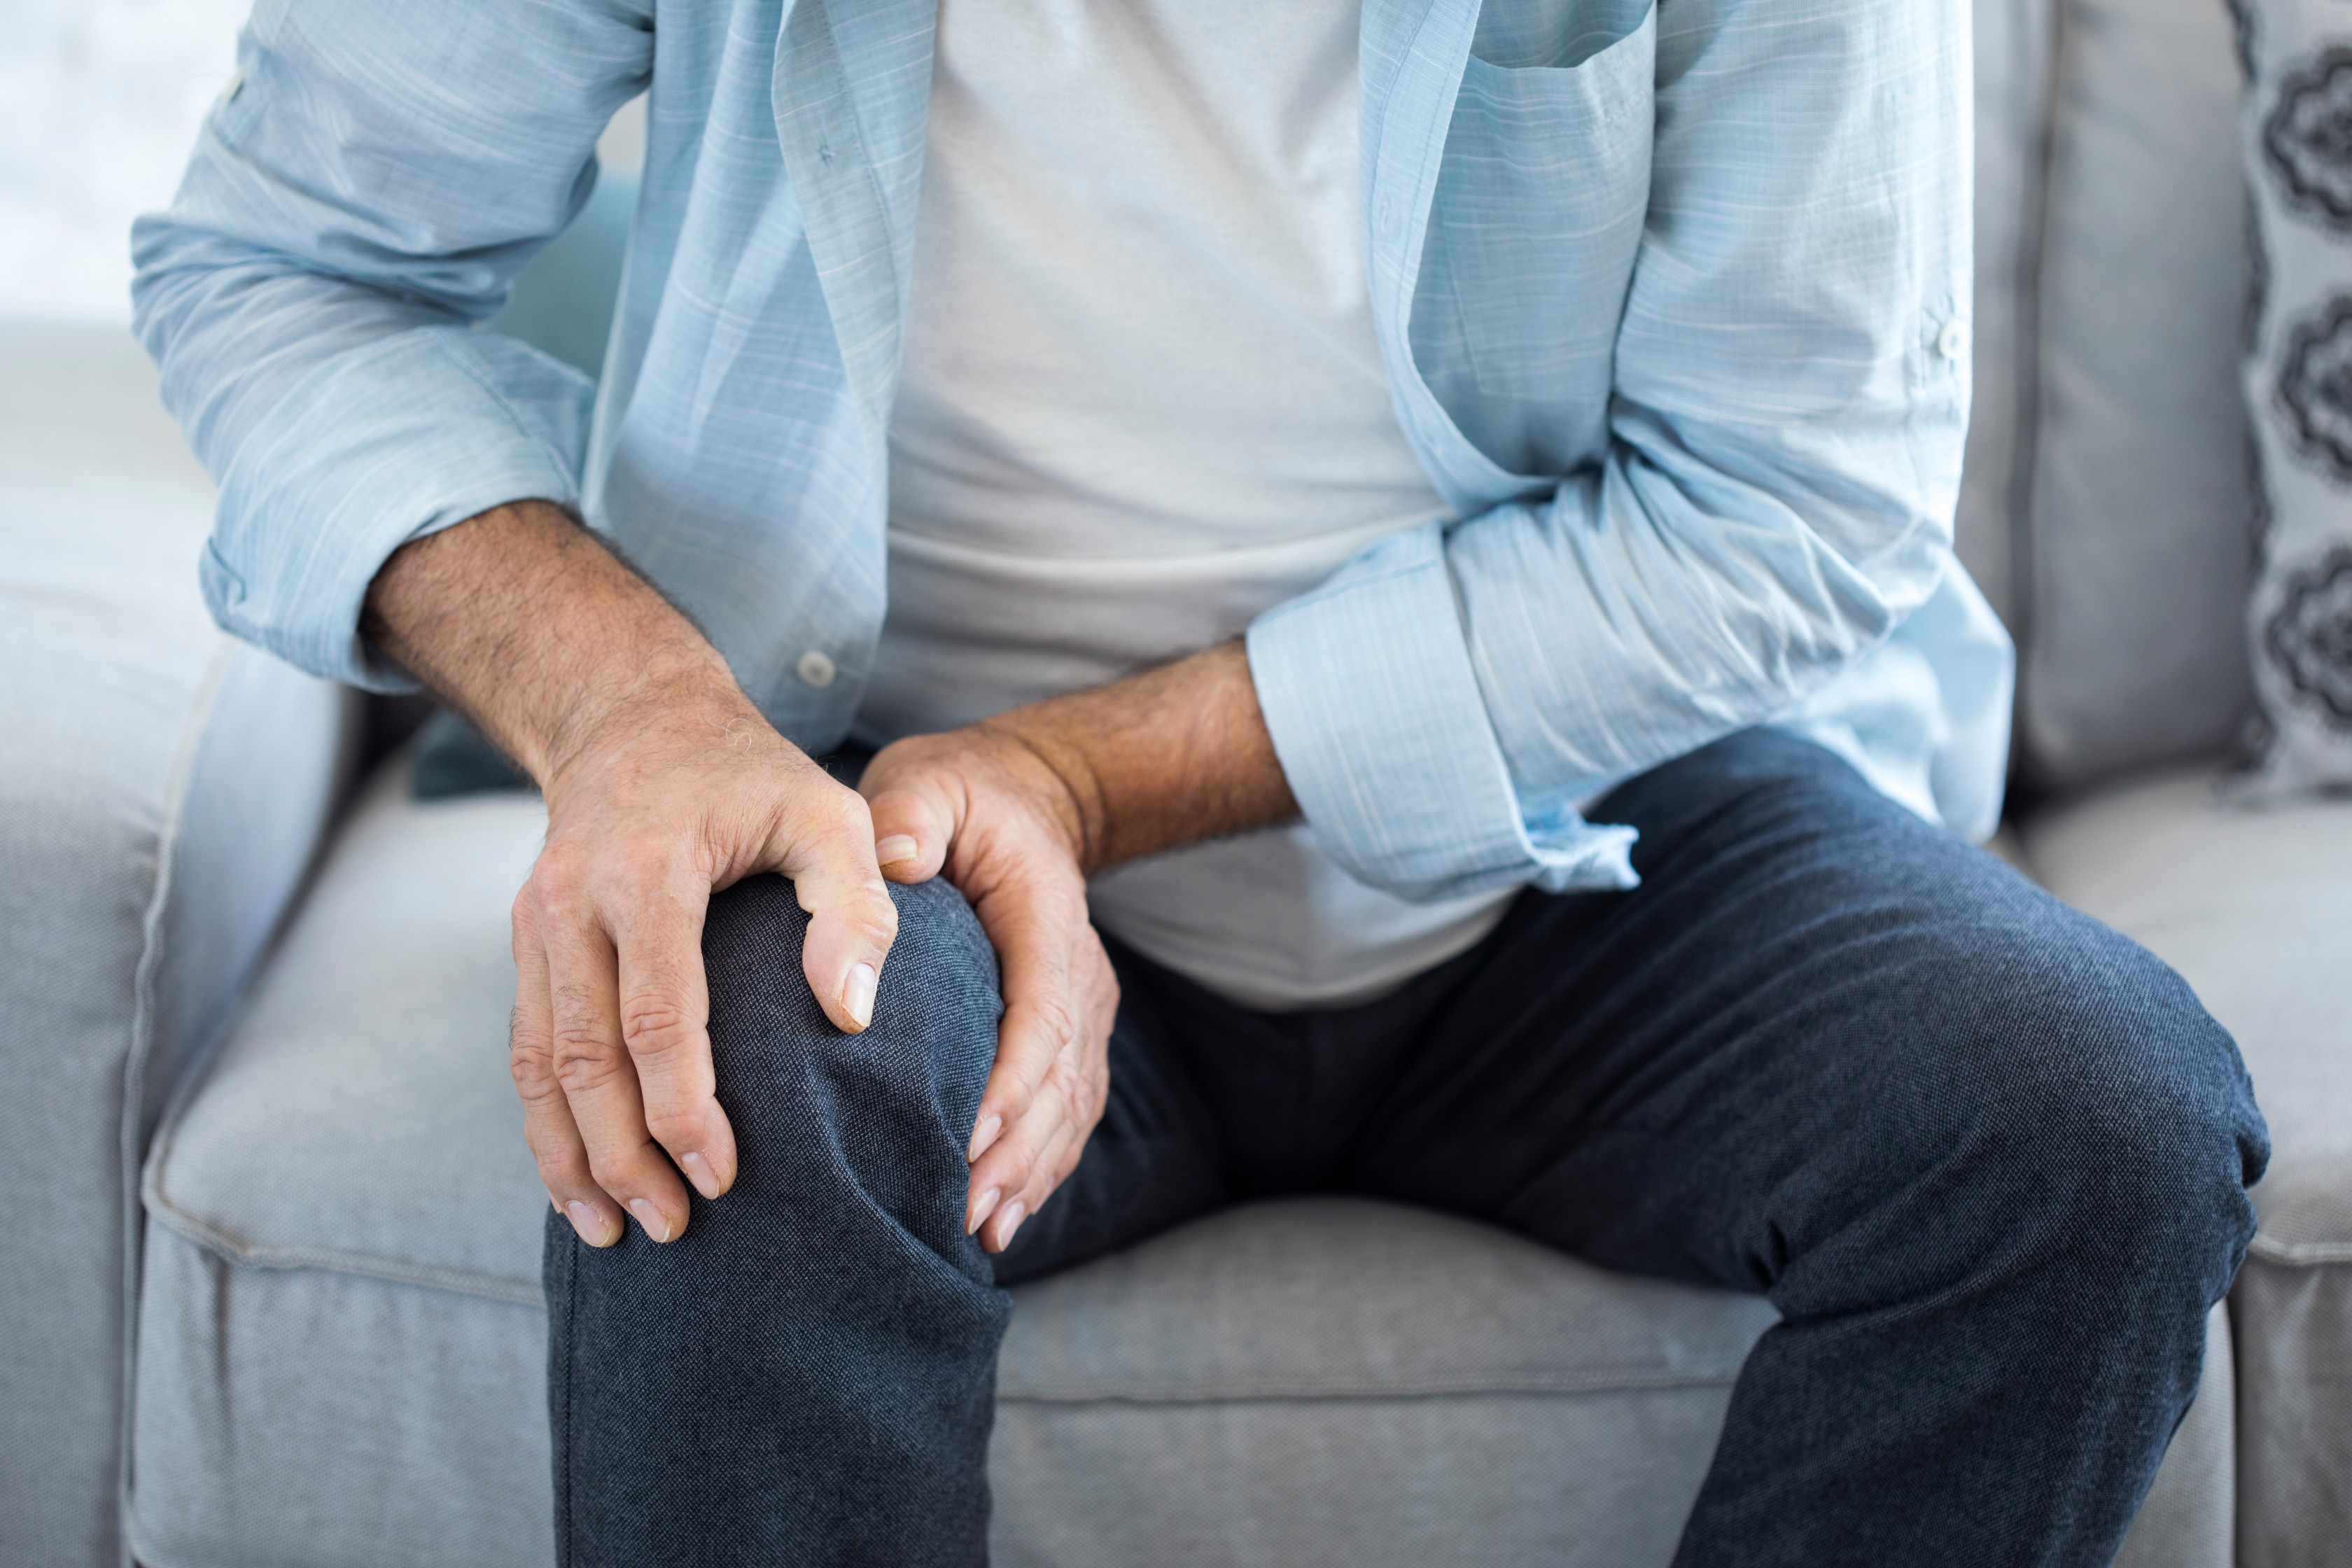 súlyos ízületi fájdalom neuralgiával az ízületi gyulladások miatt